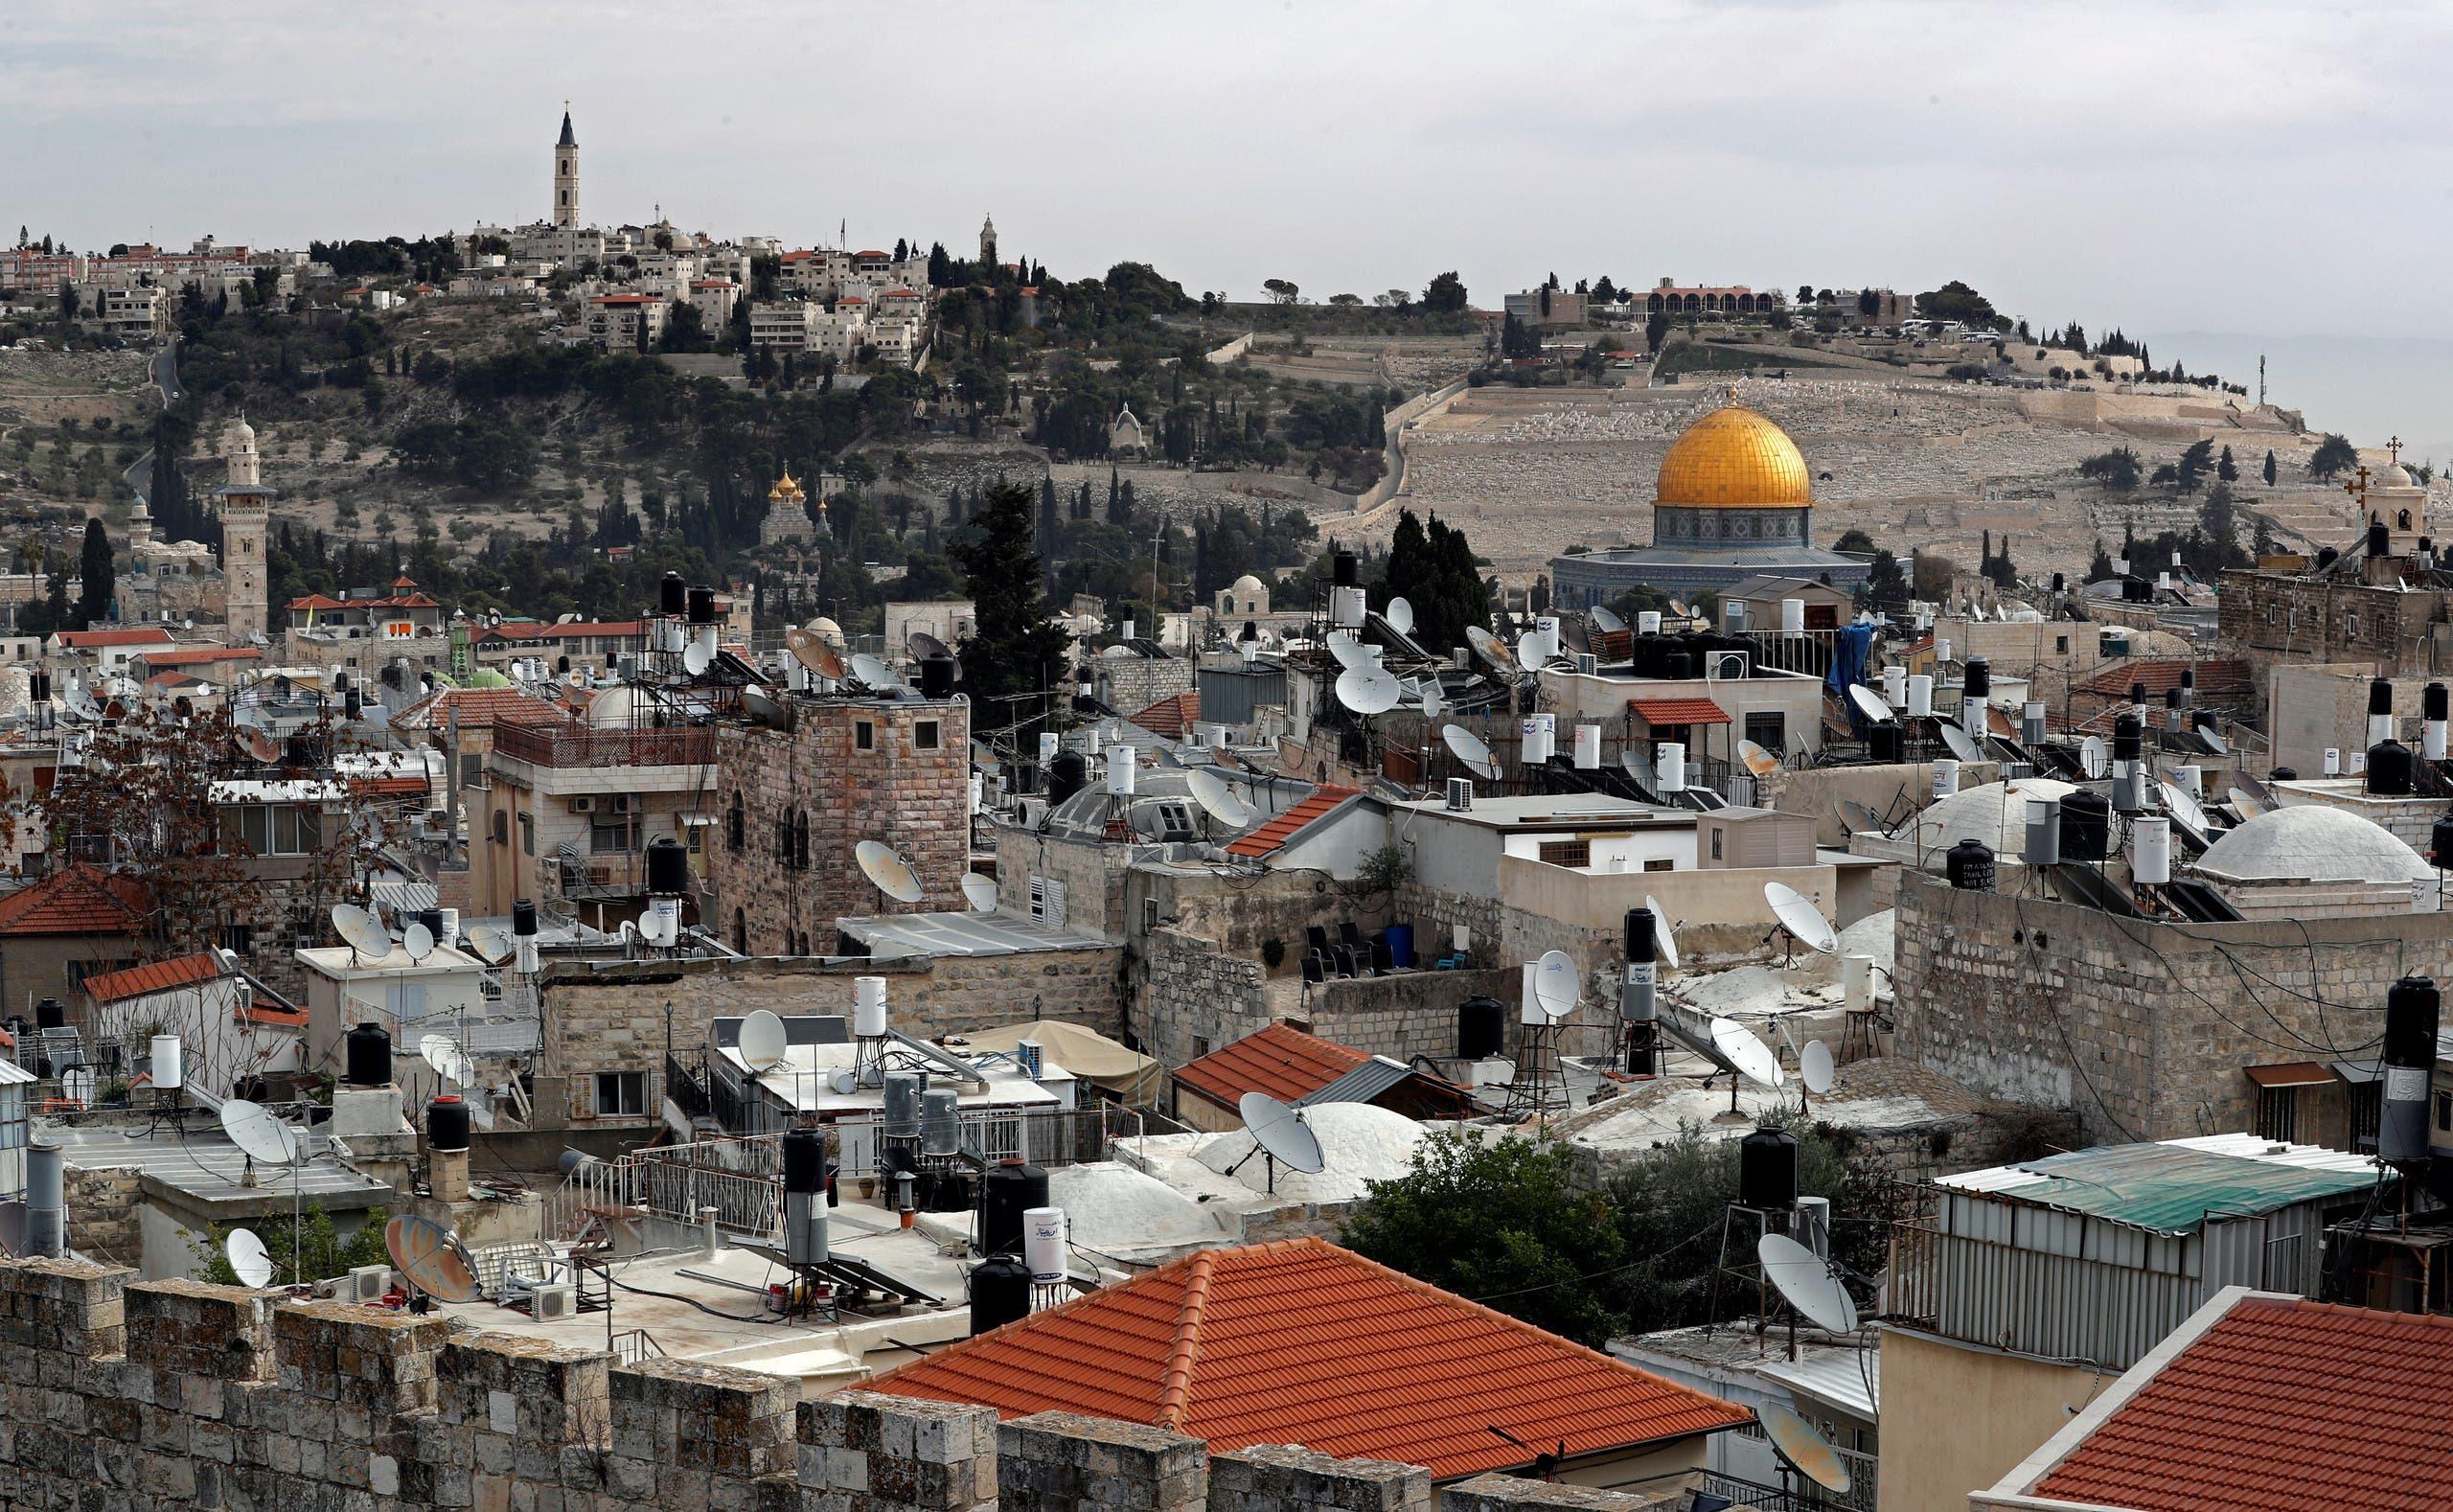 امريكا تعترف بالقدس عاصمة لاسرائيل - صفحة 10 B78aeb47-3271-48a8-93e1-b255789ca65b